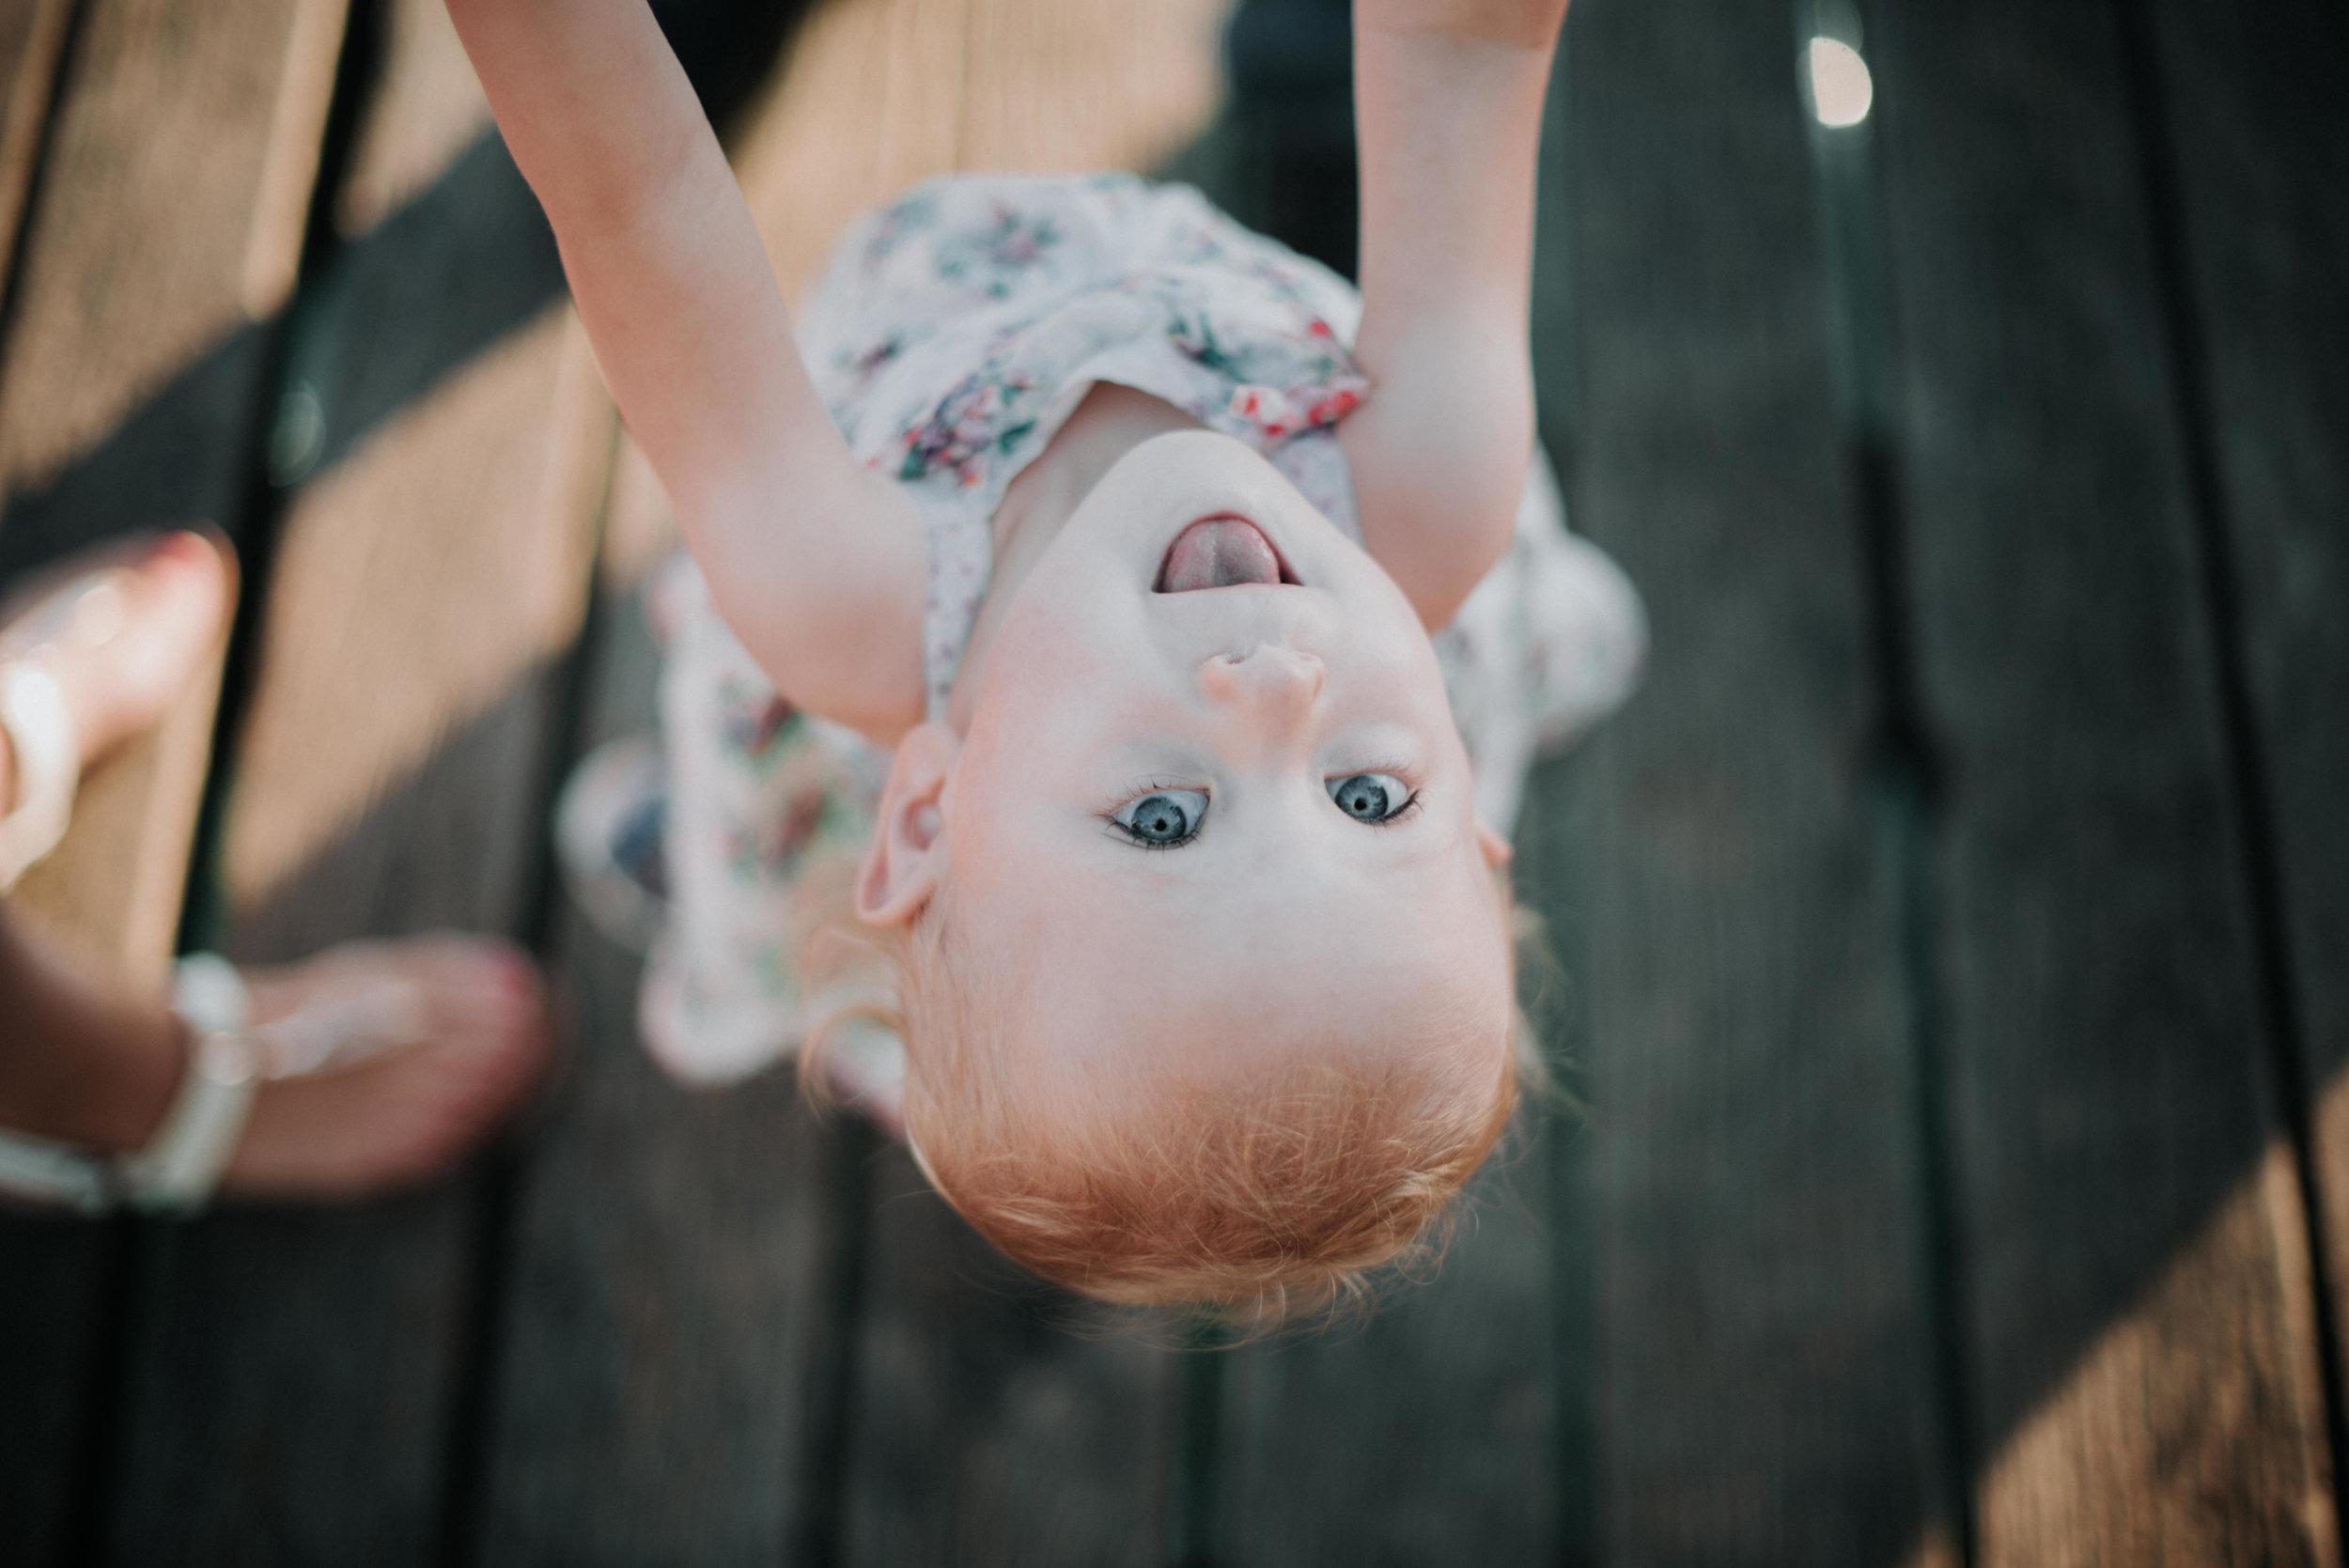 Léa-Fery-photographe-professionnel-lyon-rhone-alpes-portrait-creation-mariage-evenement-evenementiel-famille-9253.jpg